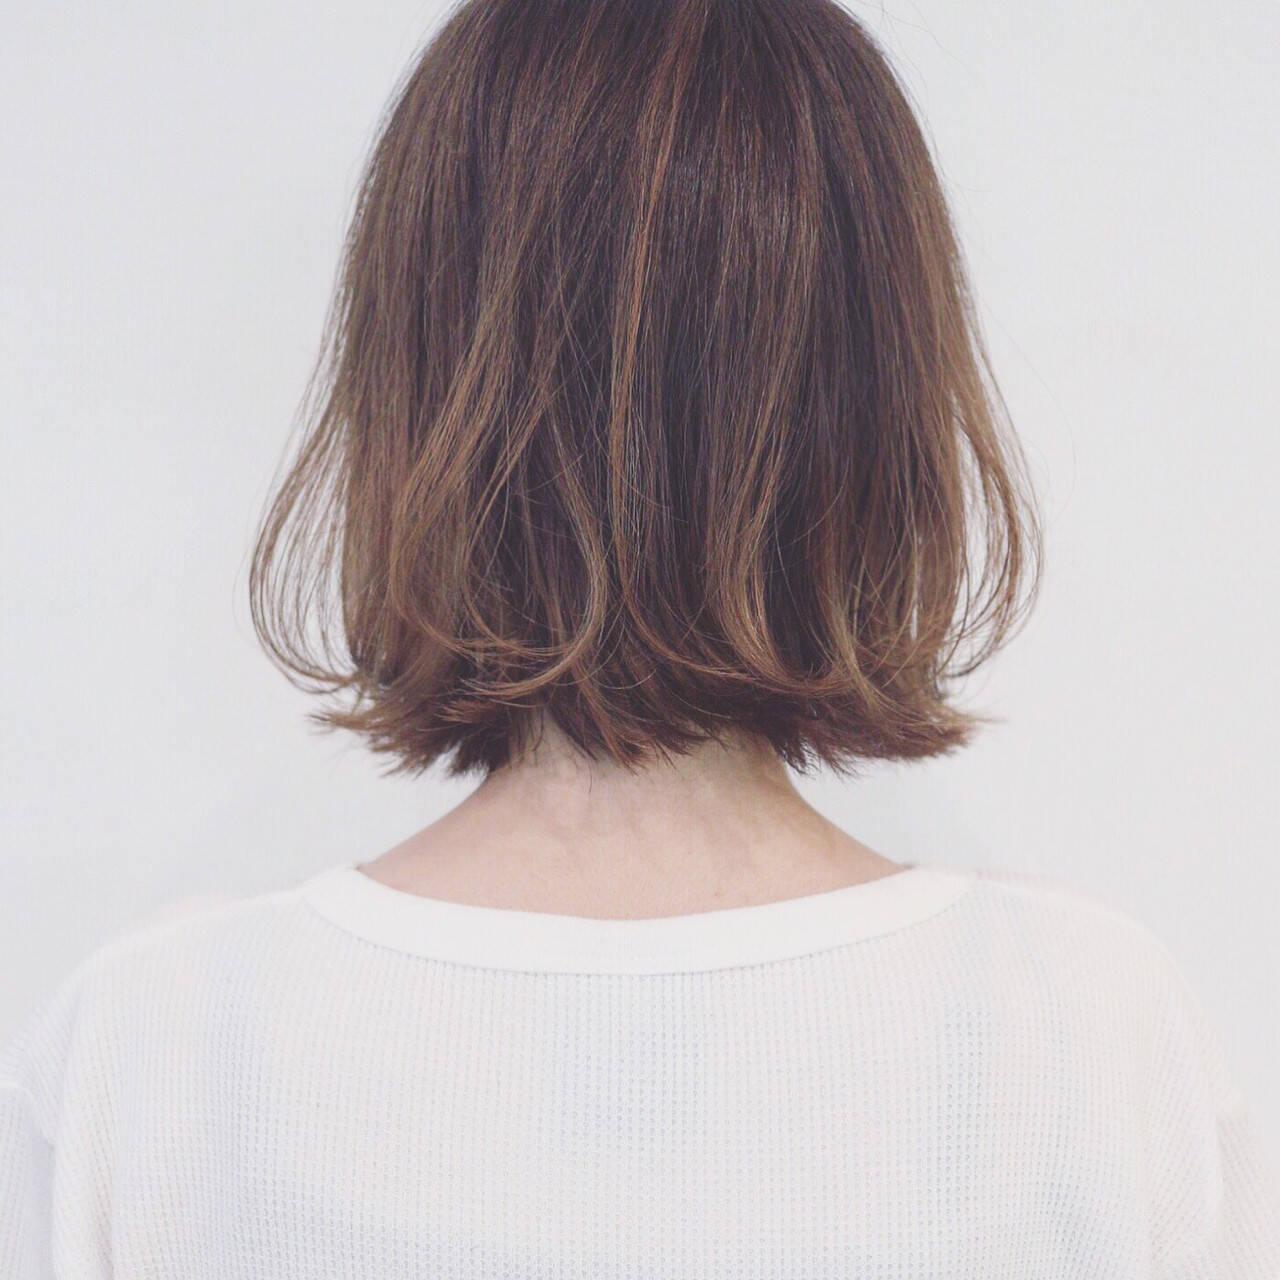 ナチュラル ボブ グラデーションカラー ハイライトヘアスタイルや髪型の写真・画像